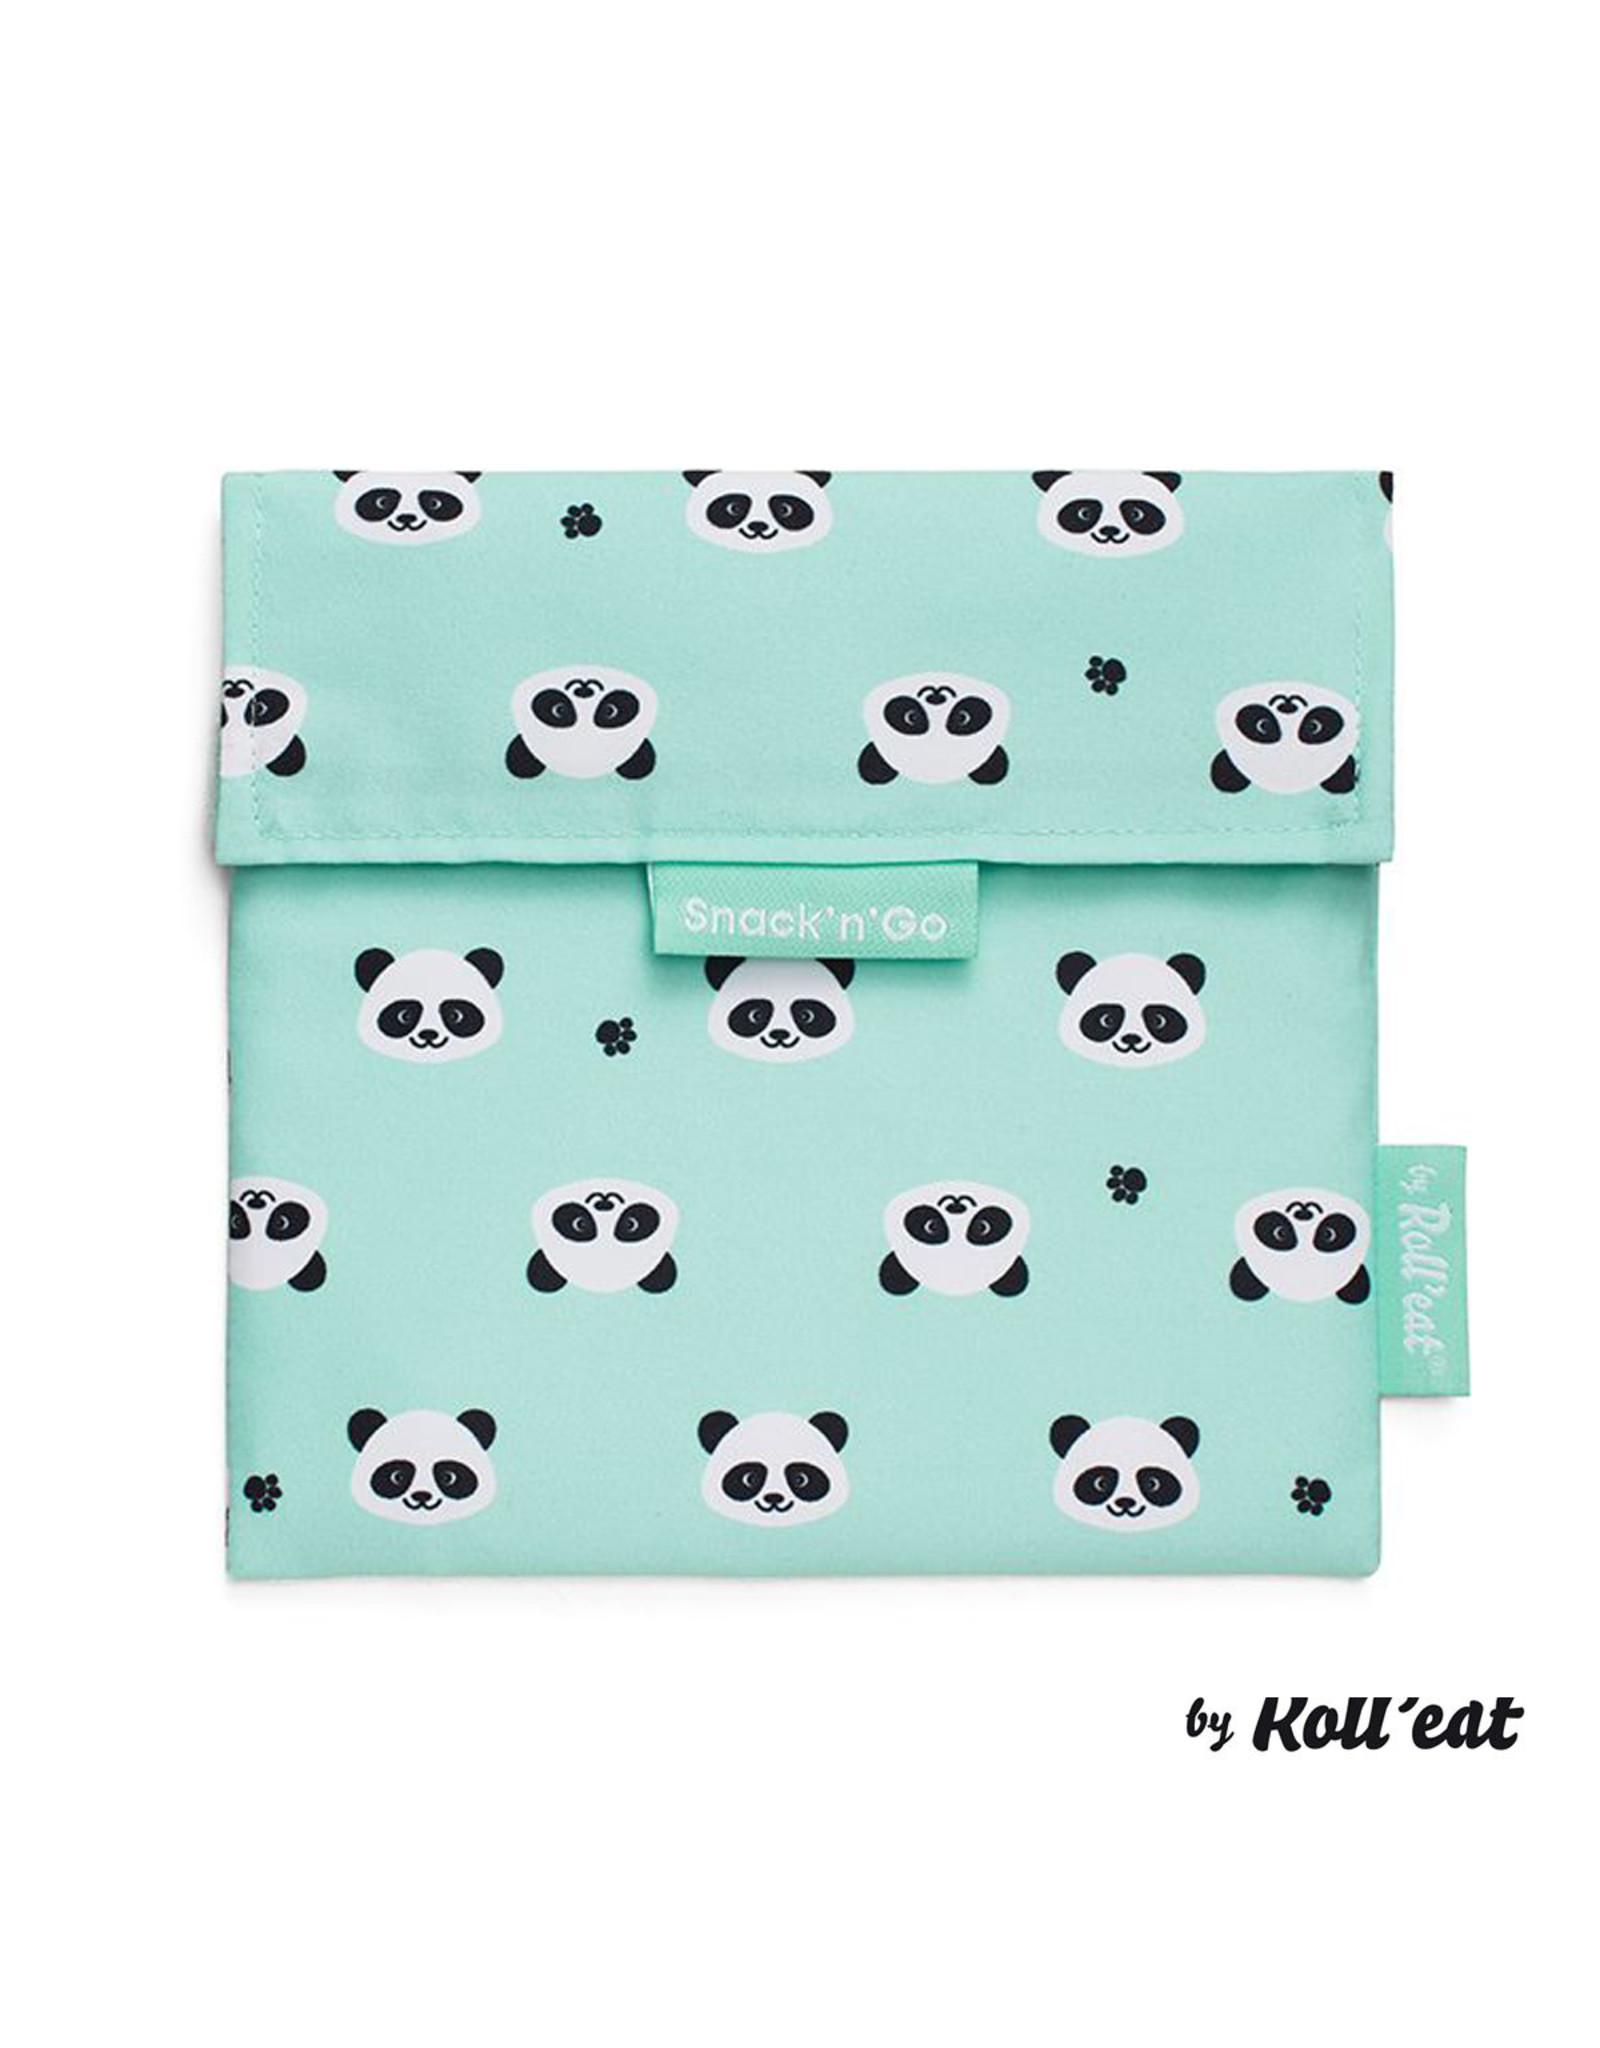 Snack'n'Go panda